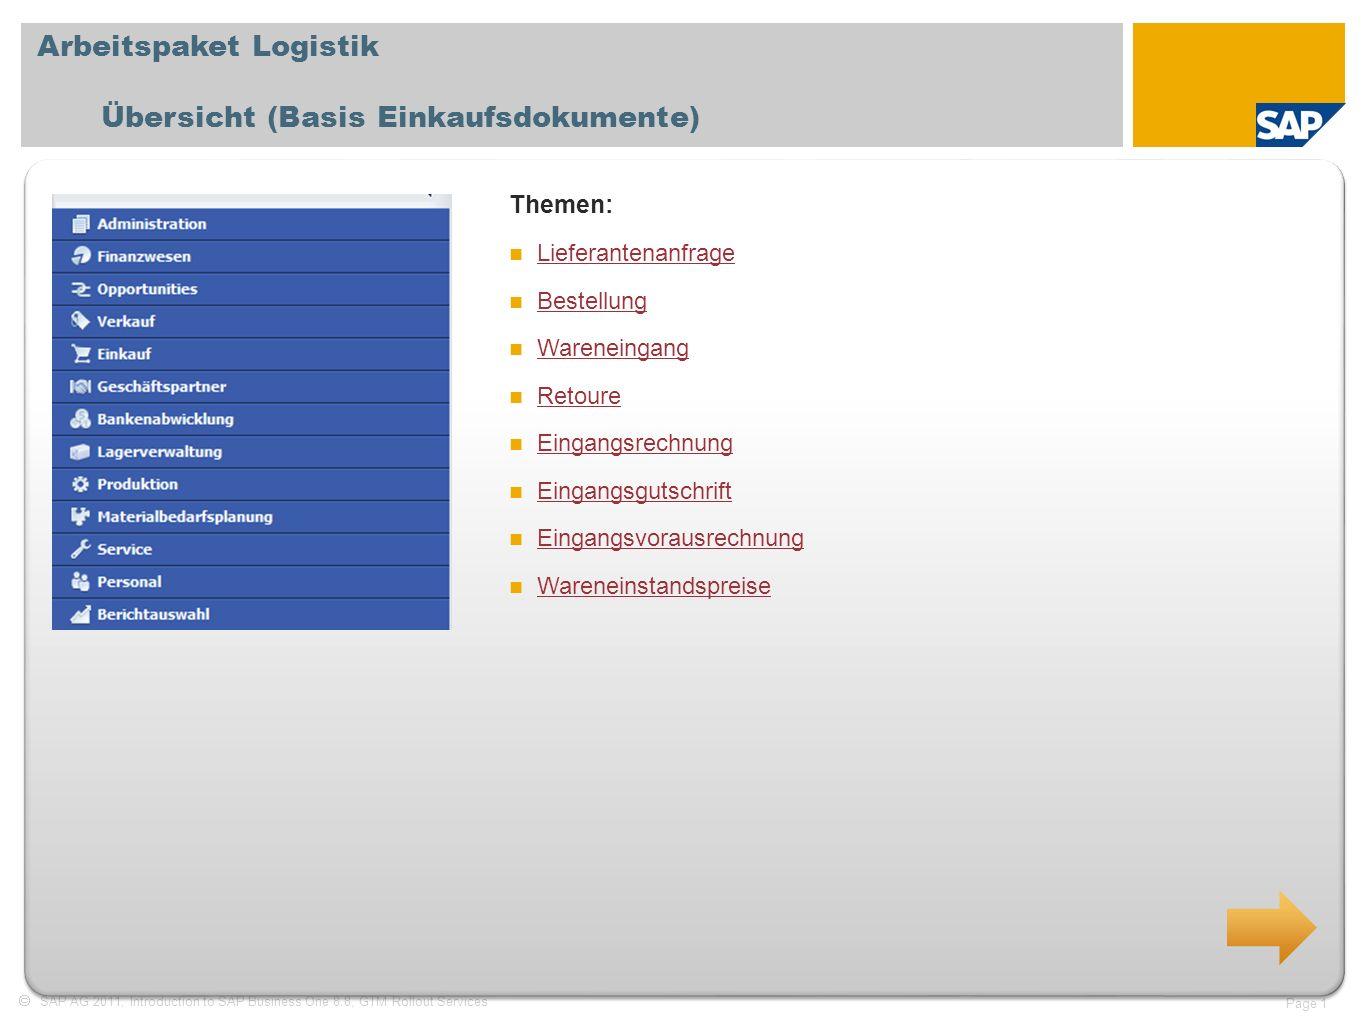 Arbeitspaket Logistik Übersicht (Basis Einkaufsdokumente)